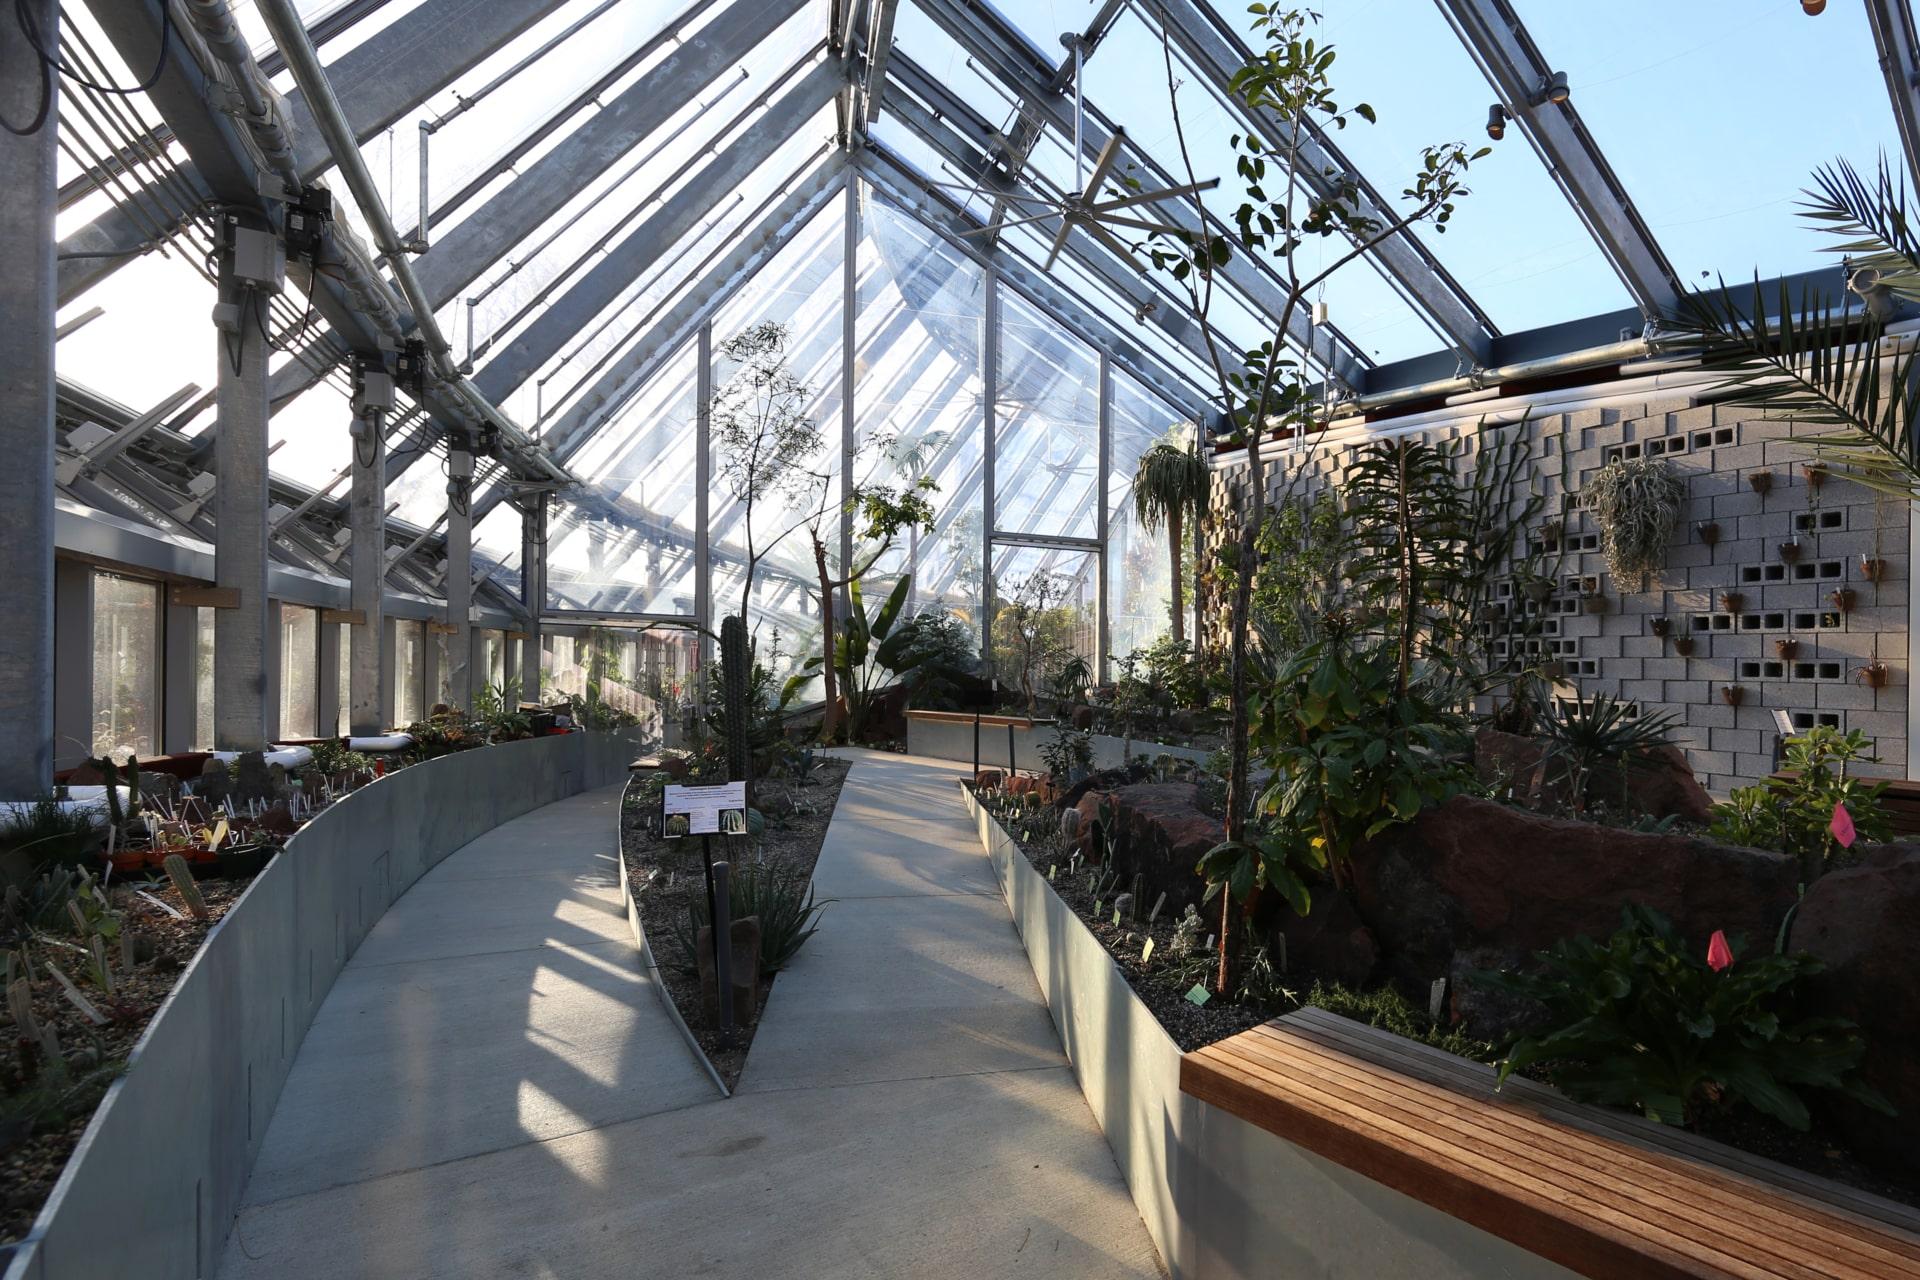 Die Global Flora am Wellesley College hat das Design eines nachhaltigen Gewächshauses mit Texlon ETFE-Dächern und Wänden neu interpretiert.